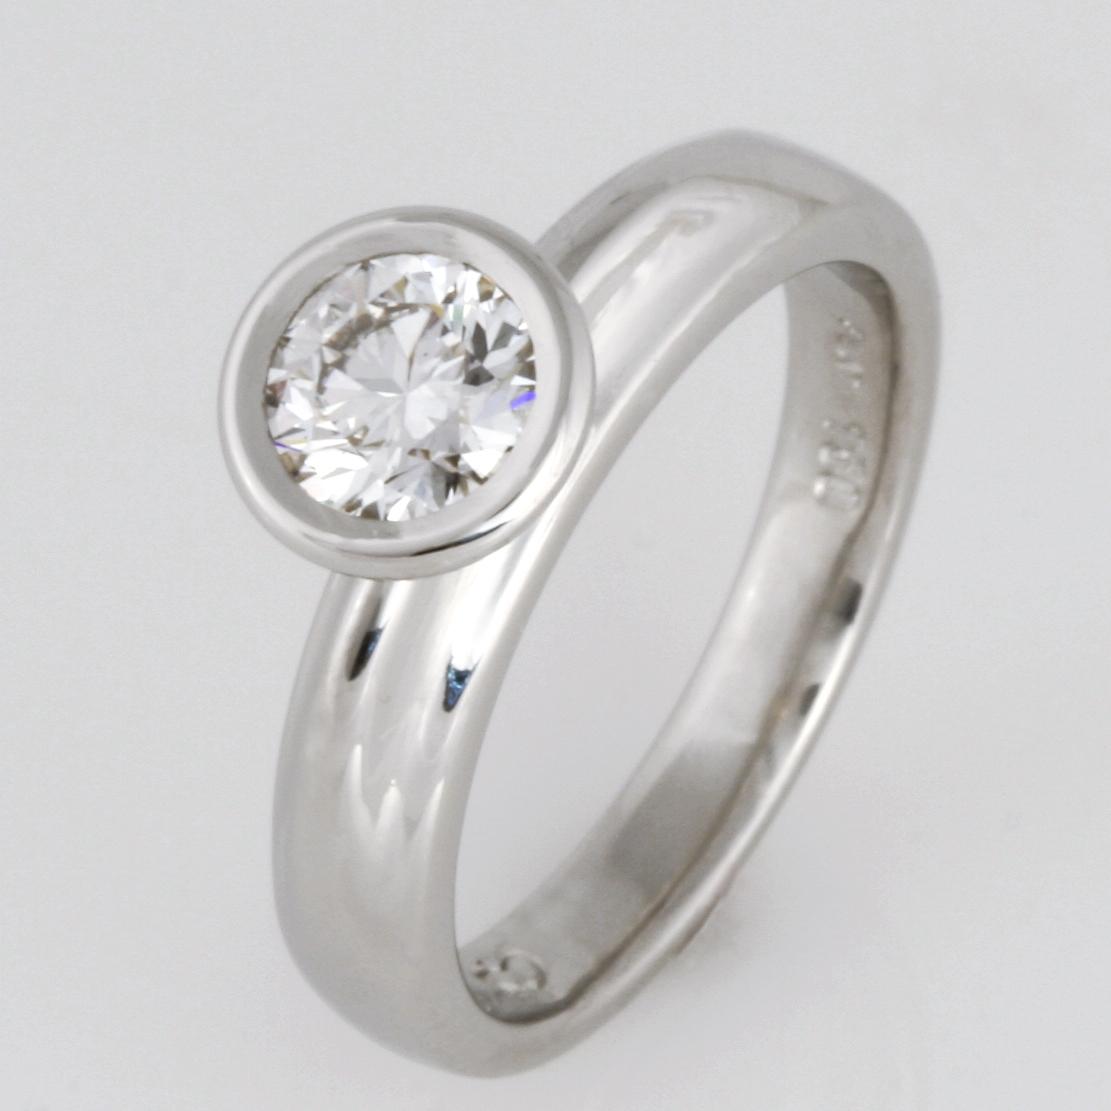 Handmade ladies platinum and 18ct yellow gold White Argyle Diamond engagement ring